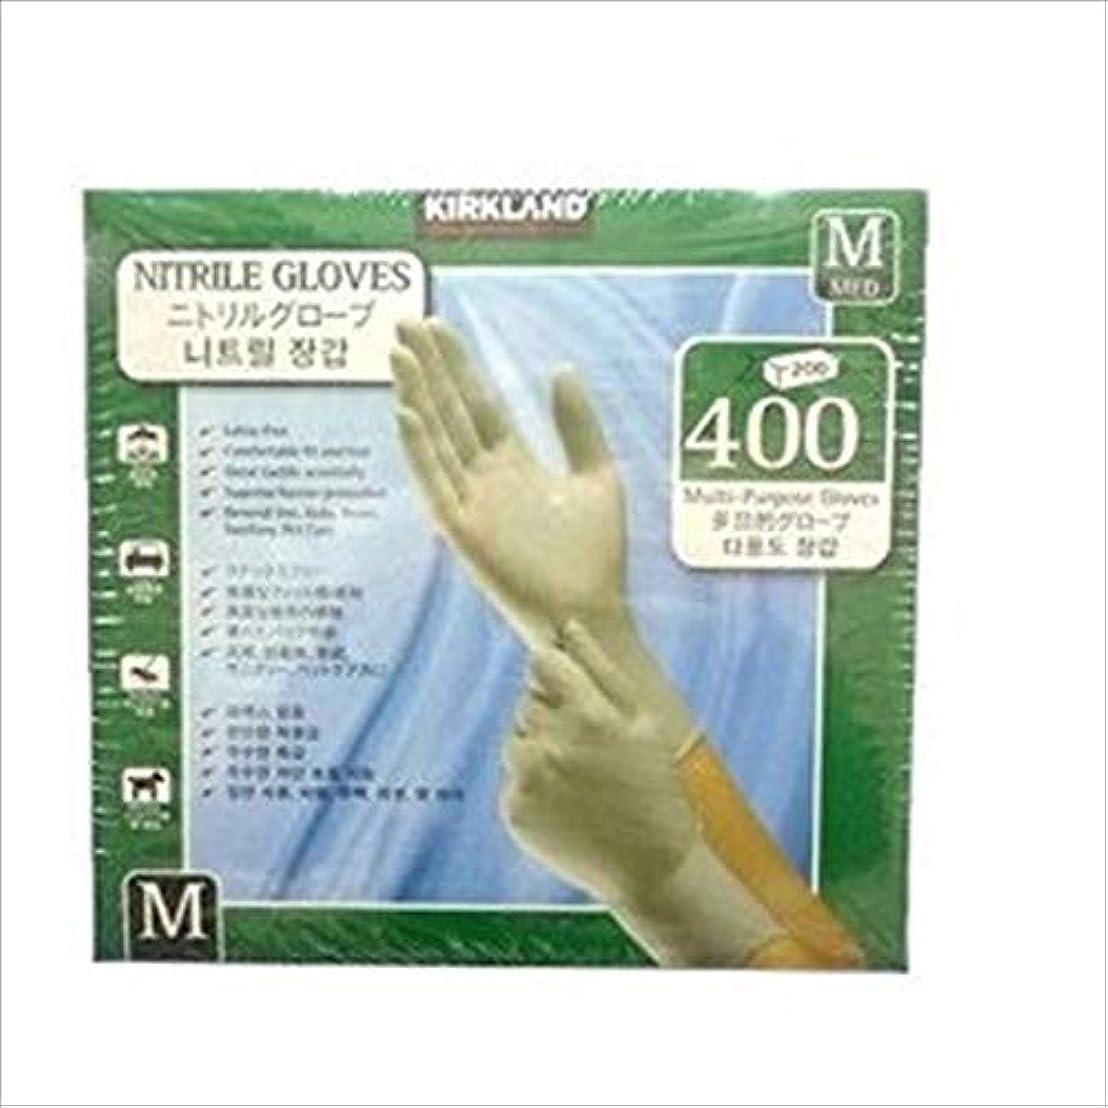 ジョブメカニック自分自身KIRKLAND カークランド ニトリルグローブ 手袋 Mサイズ 200枚×2箱